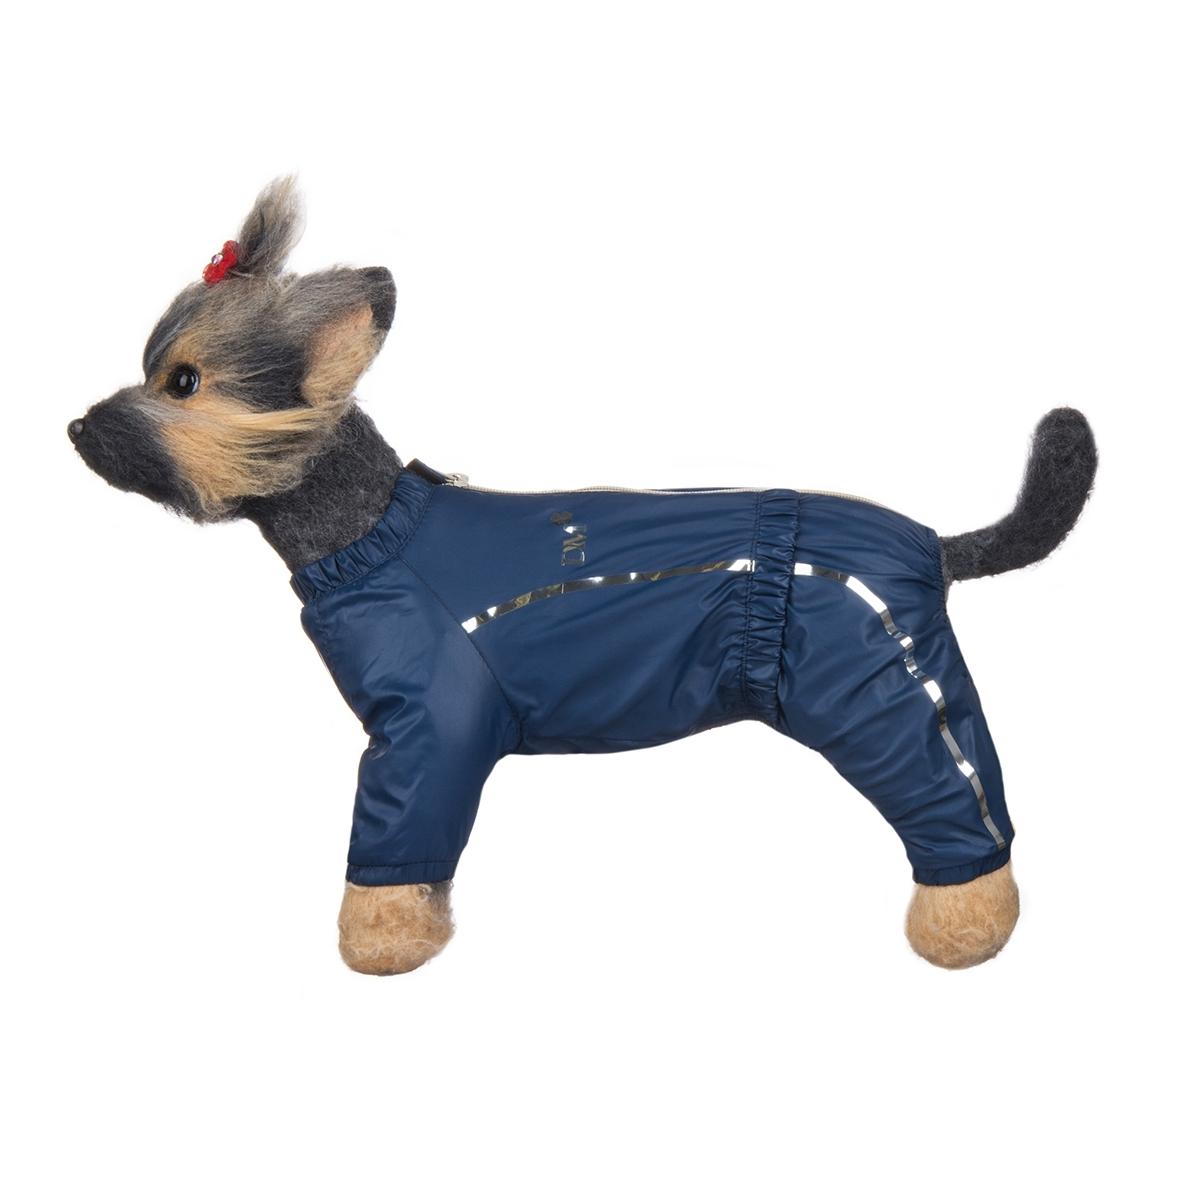 Комбинезон для собак Dogmoda Альпы, для мальчика, цвет: синий. Размер 3 (L). DM-1601010120710Комбинезон для собак Dogmoda Альпы отлично подойдет для прогулок поздней осенью или ранней весной.Комбинезон изготовлен из полиэстера, защищающего от ветра и осадков, с подкладкой из флиса, которая сохранит тепло и обеспечит отличный воздухообмен.Комбинезон застегивается на молнию и липучку, благодаря чему его легко надевать и снимать. Ворот, низ рукавов и брючин оснащены внутренними резинками, которые мягко обхватывают шею и лапки, не позволяя просачиваться холодному воздуху. На пояснице имеется внутренняя резинка. Изделие декорировано золотистыми полосками и надписью DM.Благодаря такому комбинезону простуда не грозит вашему питомцу и он не даст любимцу продрогнуть на прогулке.Длина по спинке: 28 см.Объем груди: 45 см.Обхват шеи: 29 см.